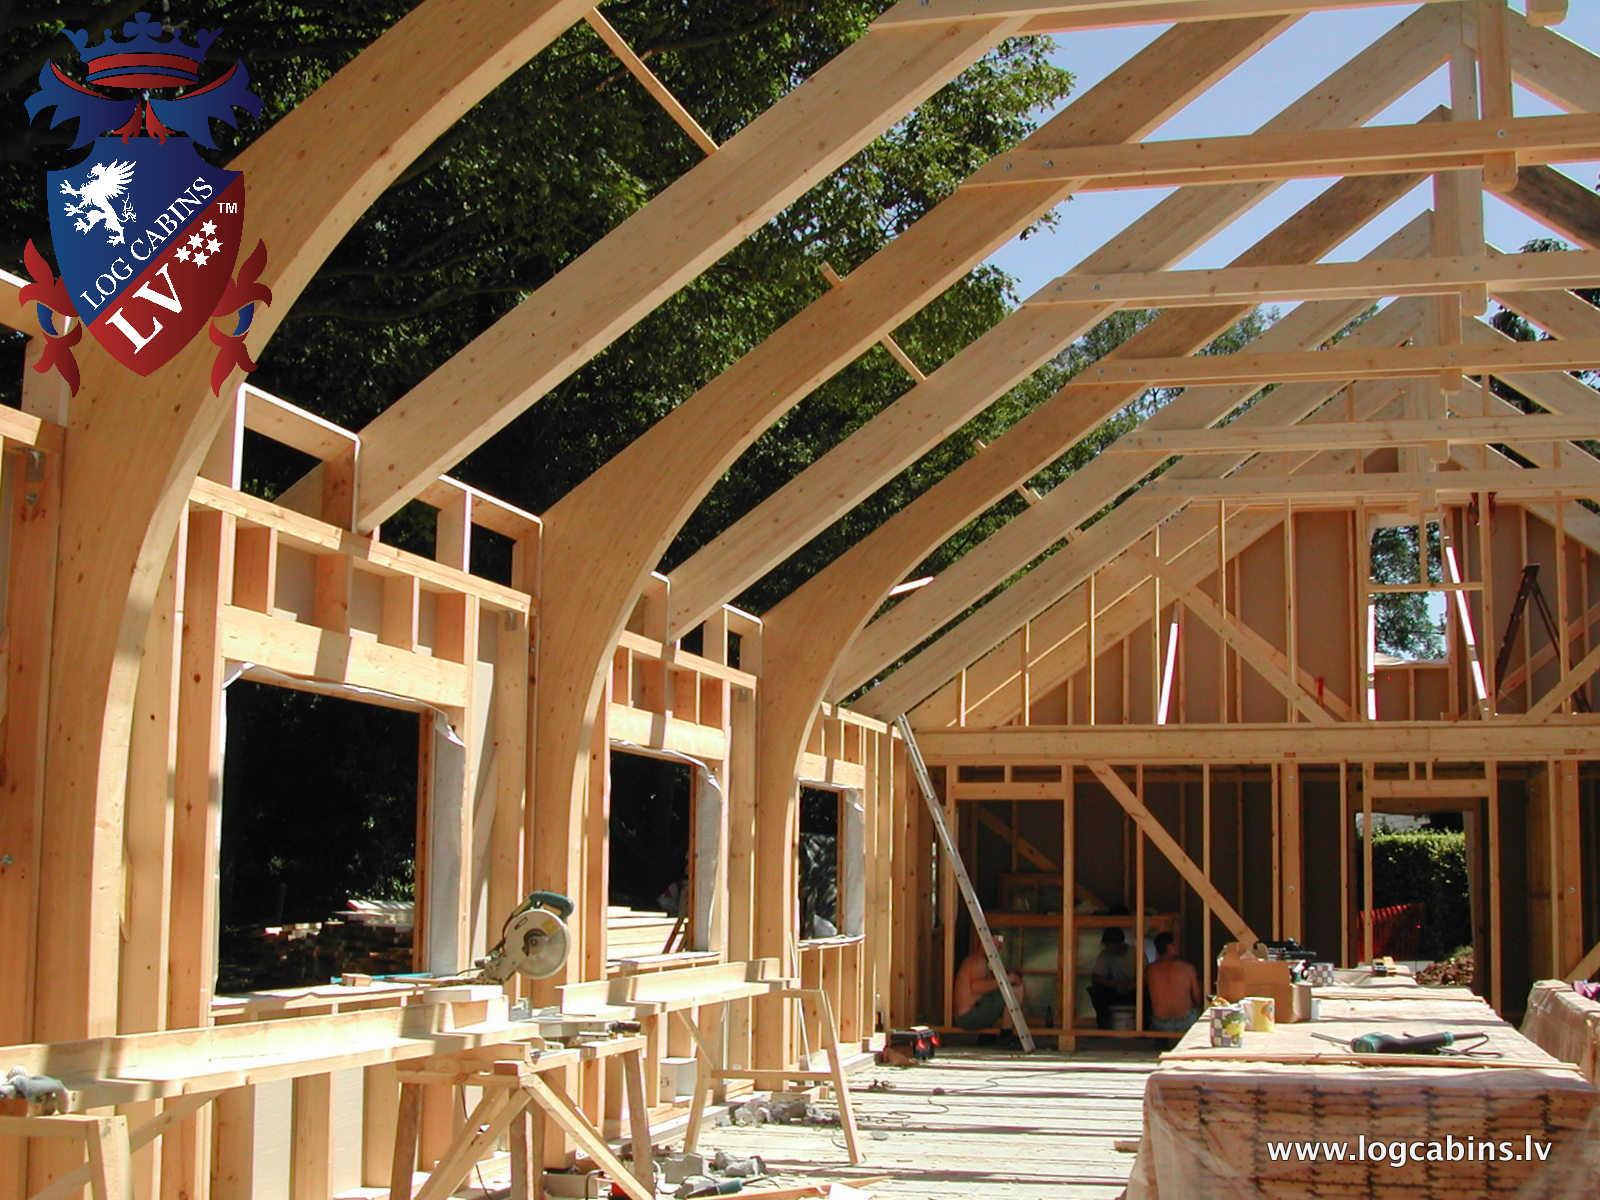 Log cabins lv blog log cabins log cabin cabin cabins for Timber frame cottage